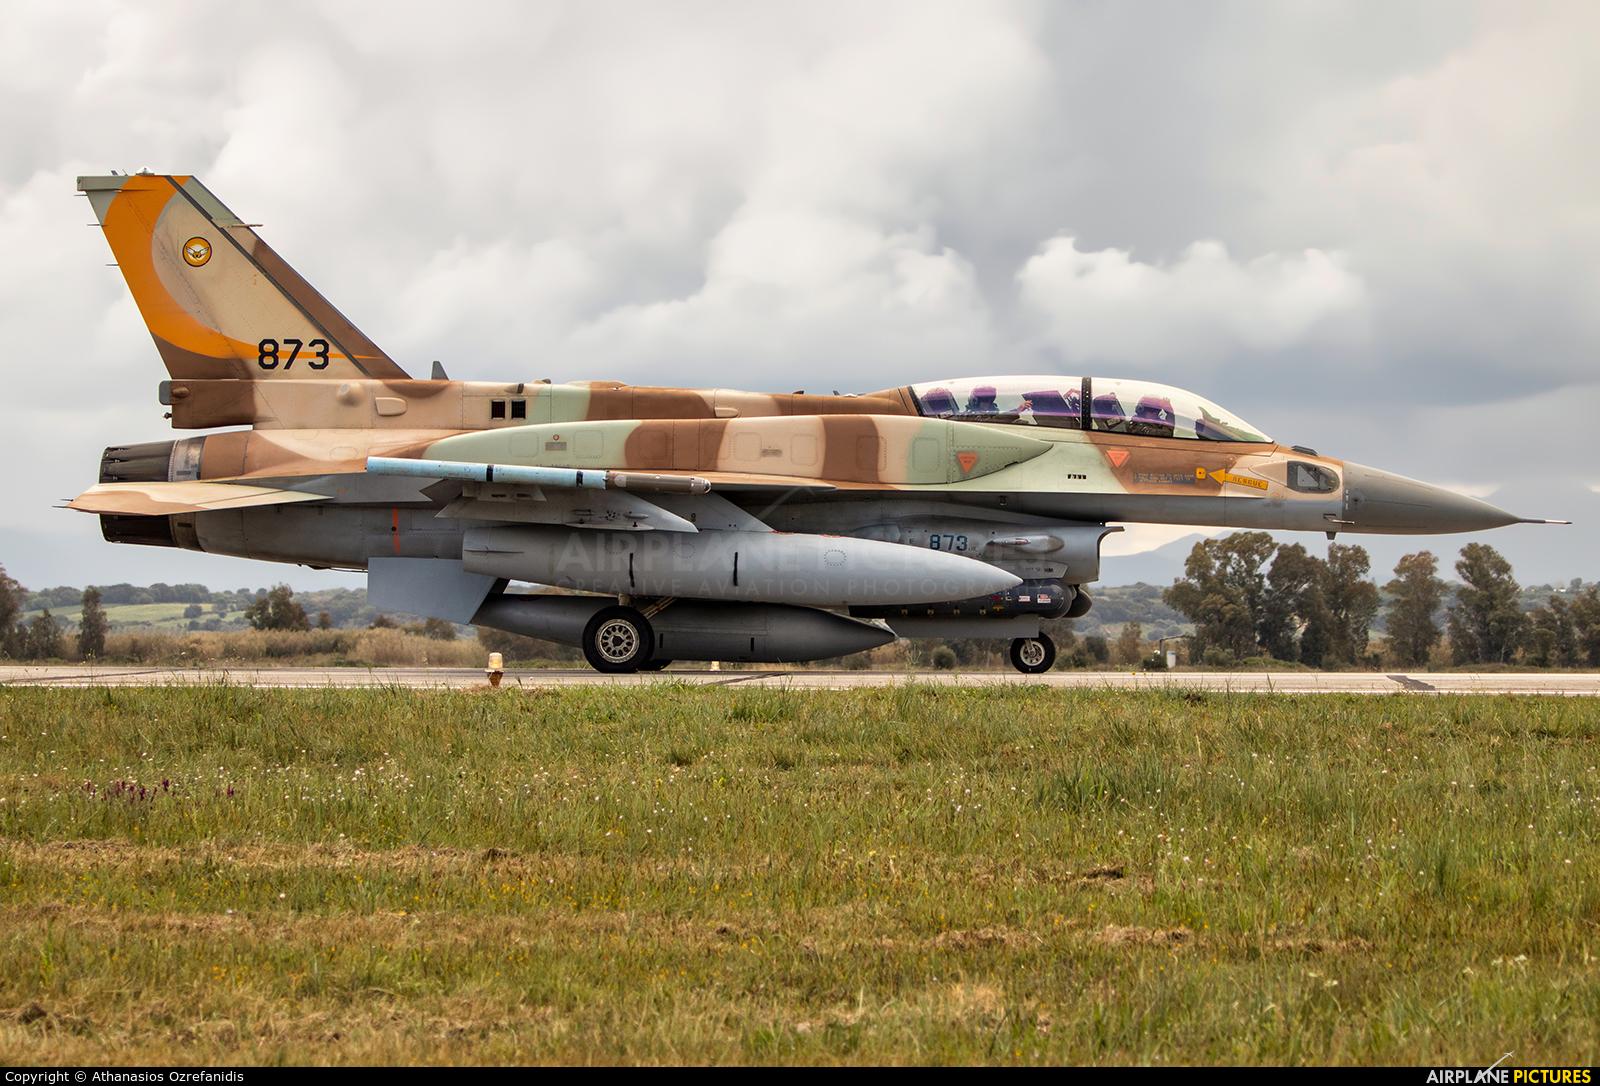 Israel - Defence Force 873 aircraft at Andravida AB